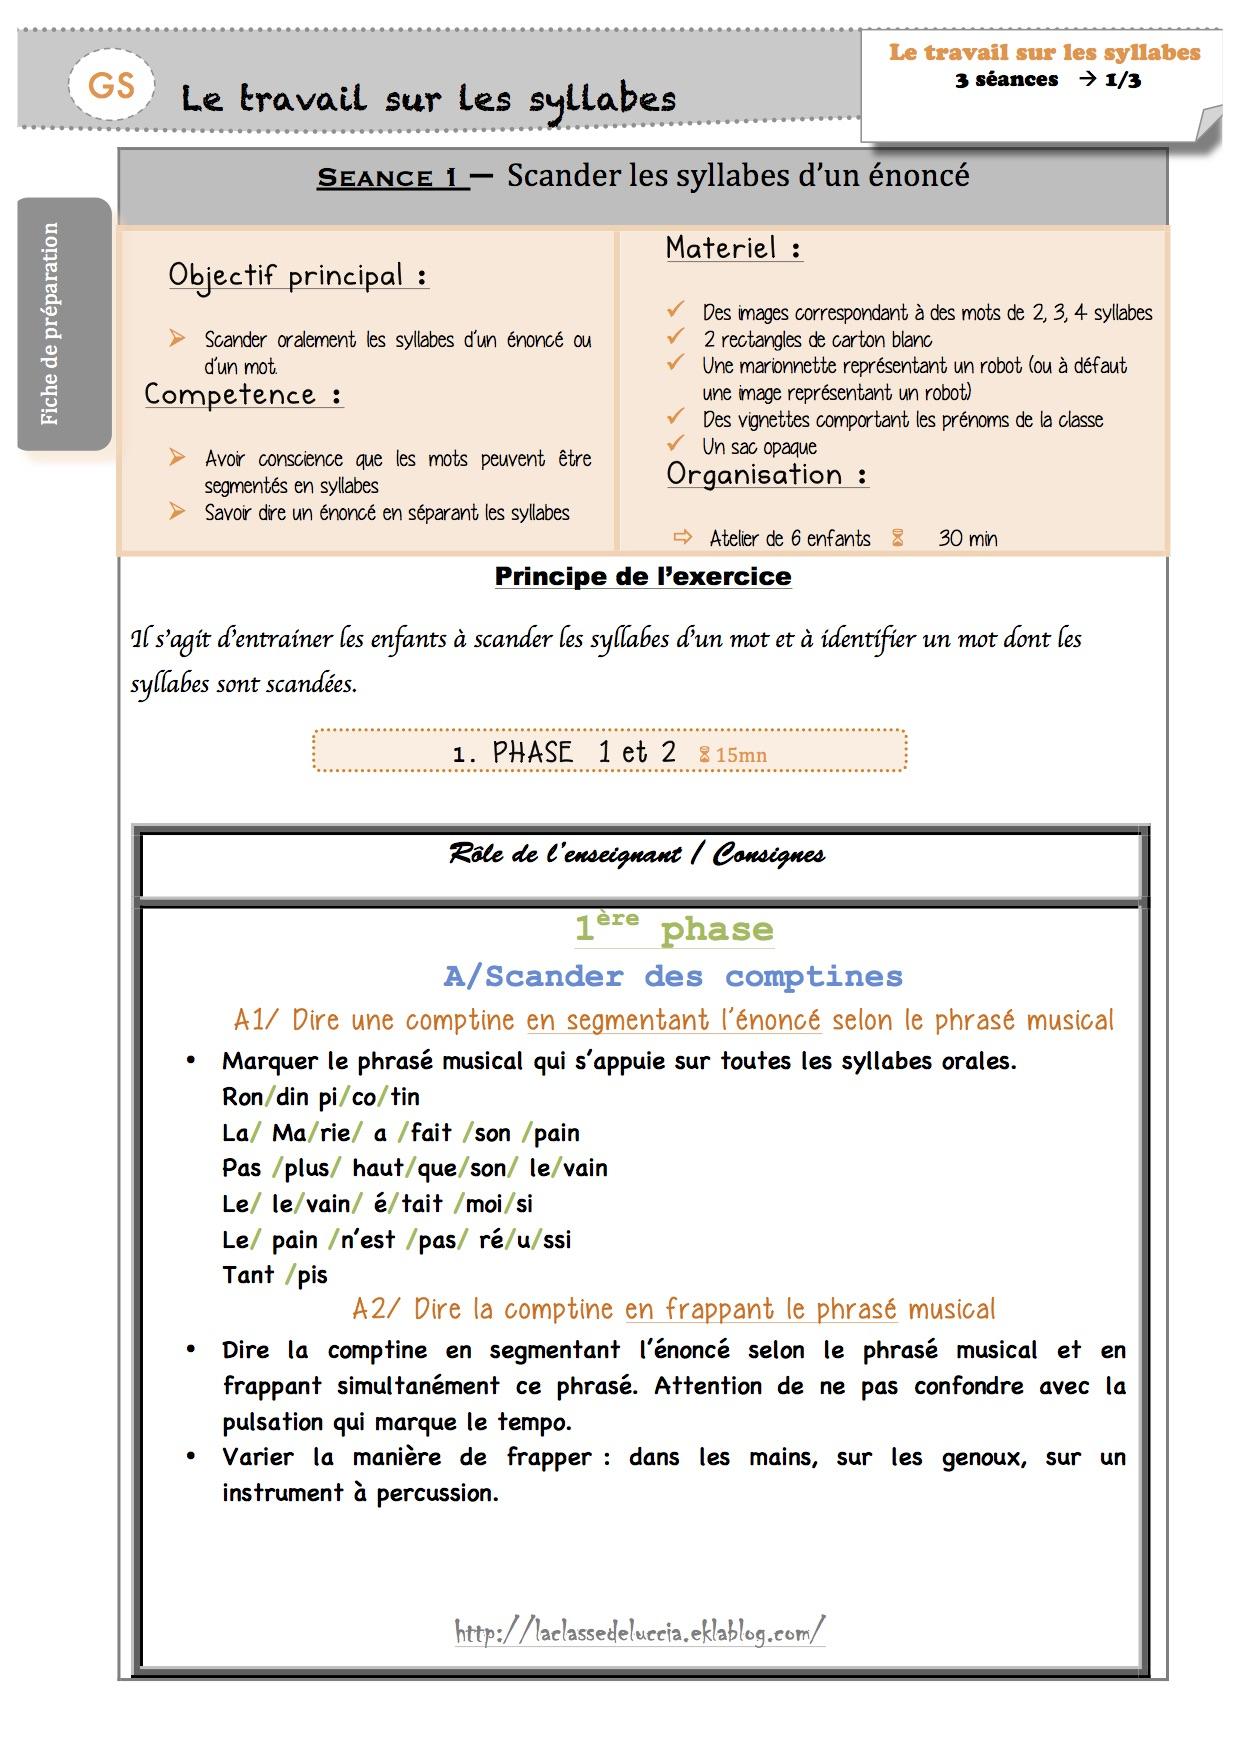 Fiches De Préparation Sur Les Syllabes - La Classe De Luccia ! concernant Les Maternelles Fiches